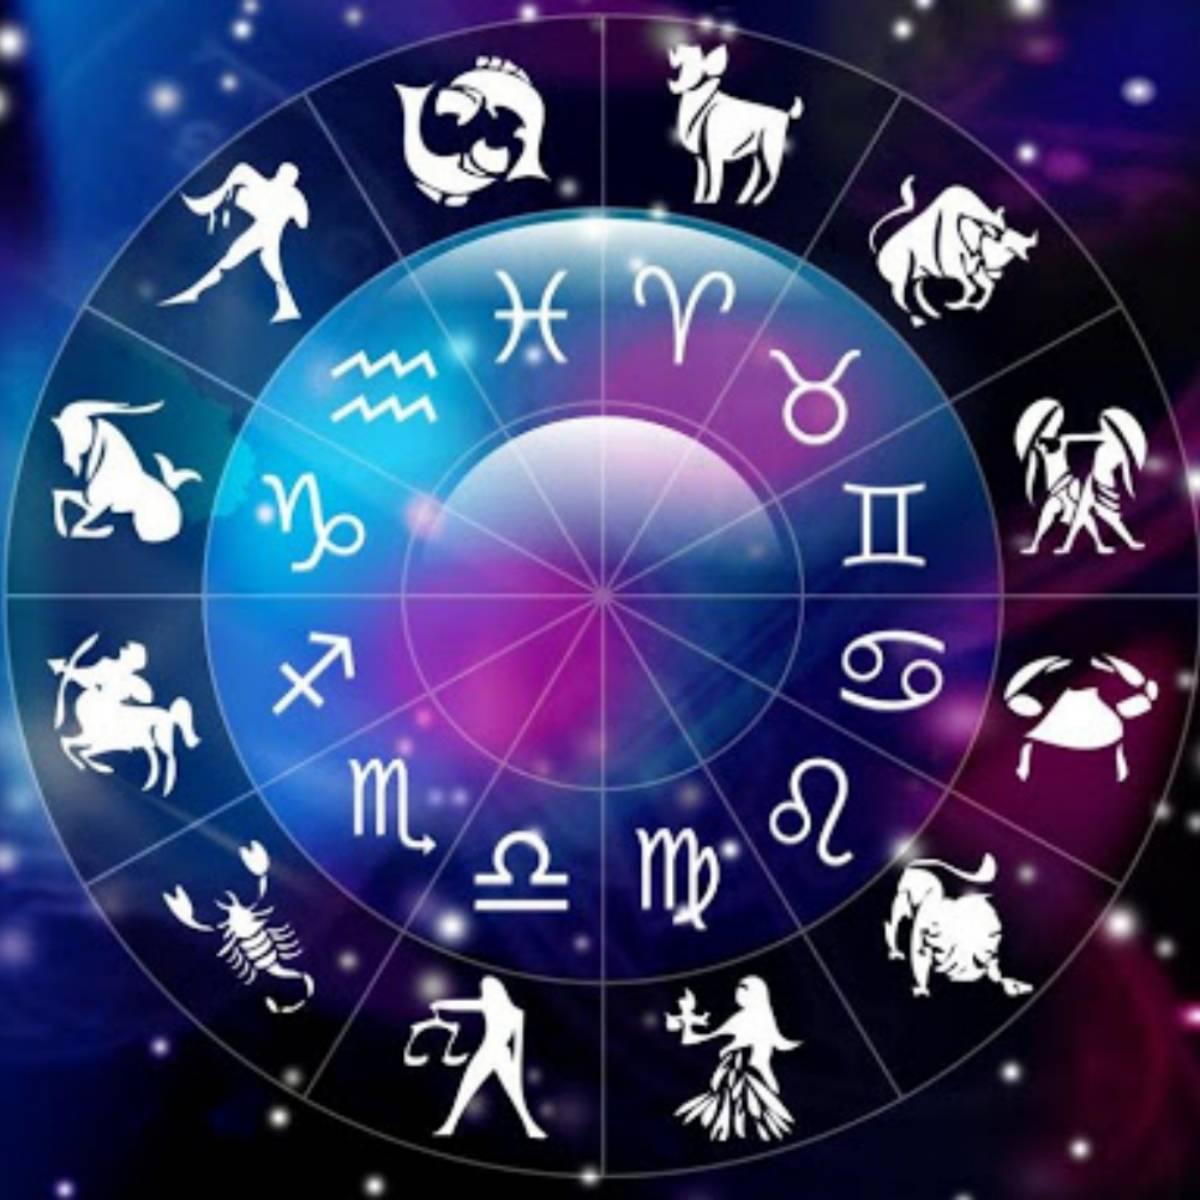 segni zodiacali dell'oroscopo